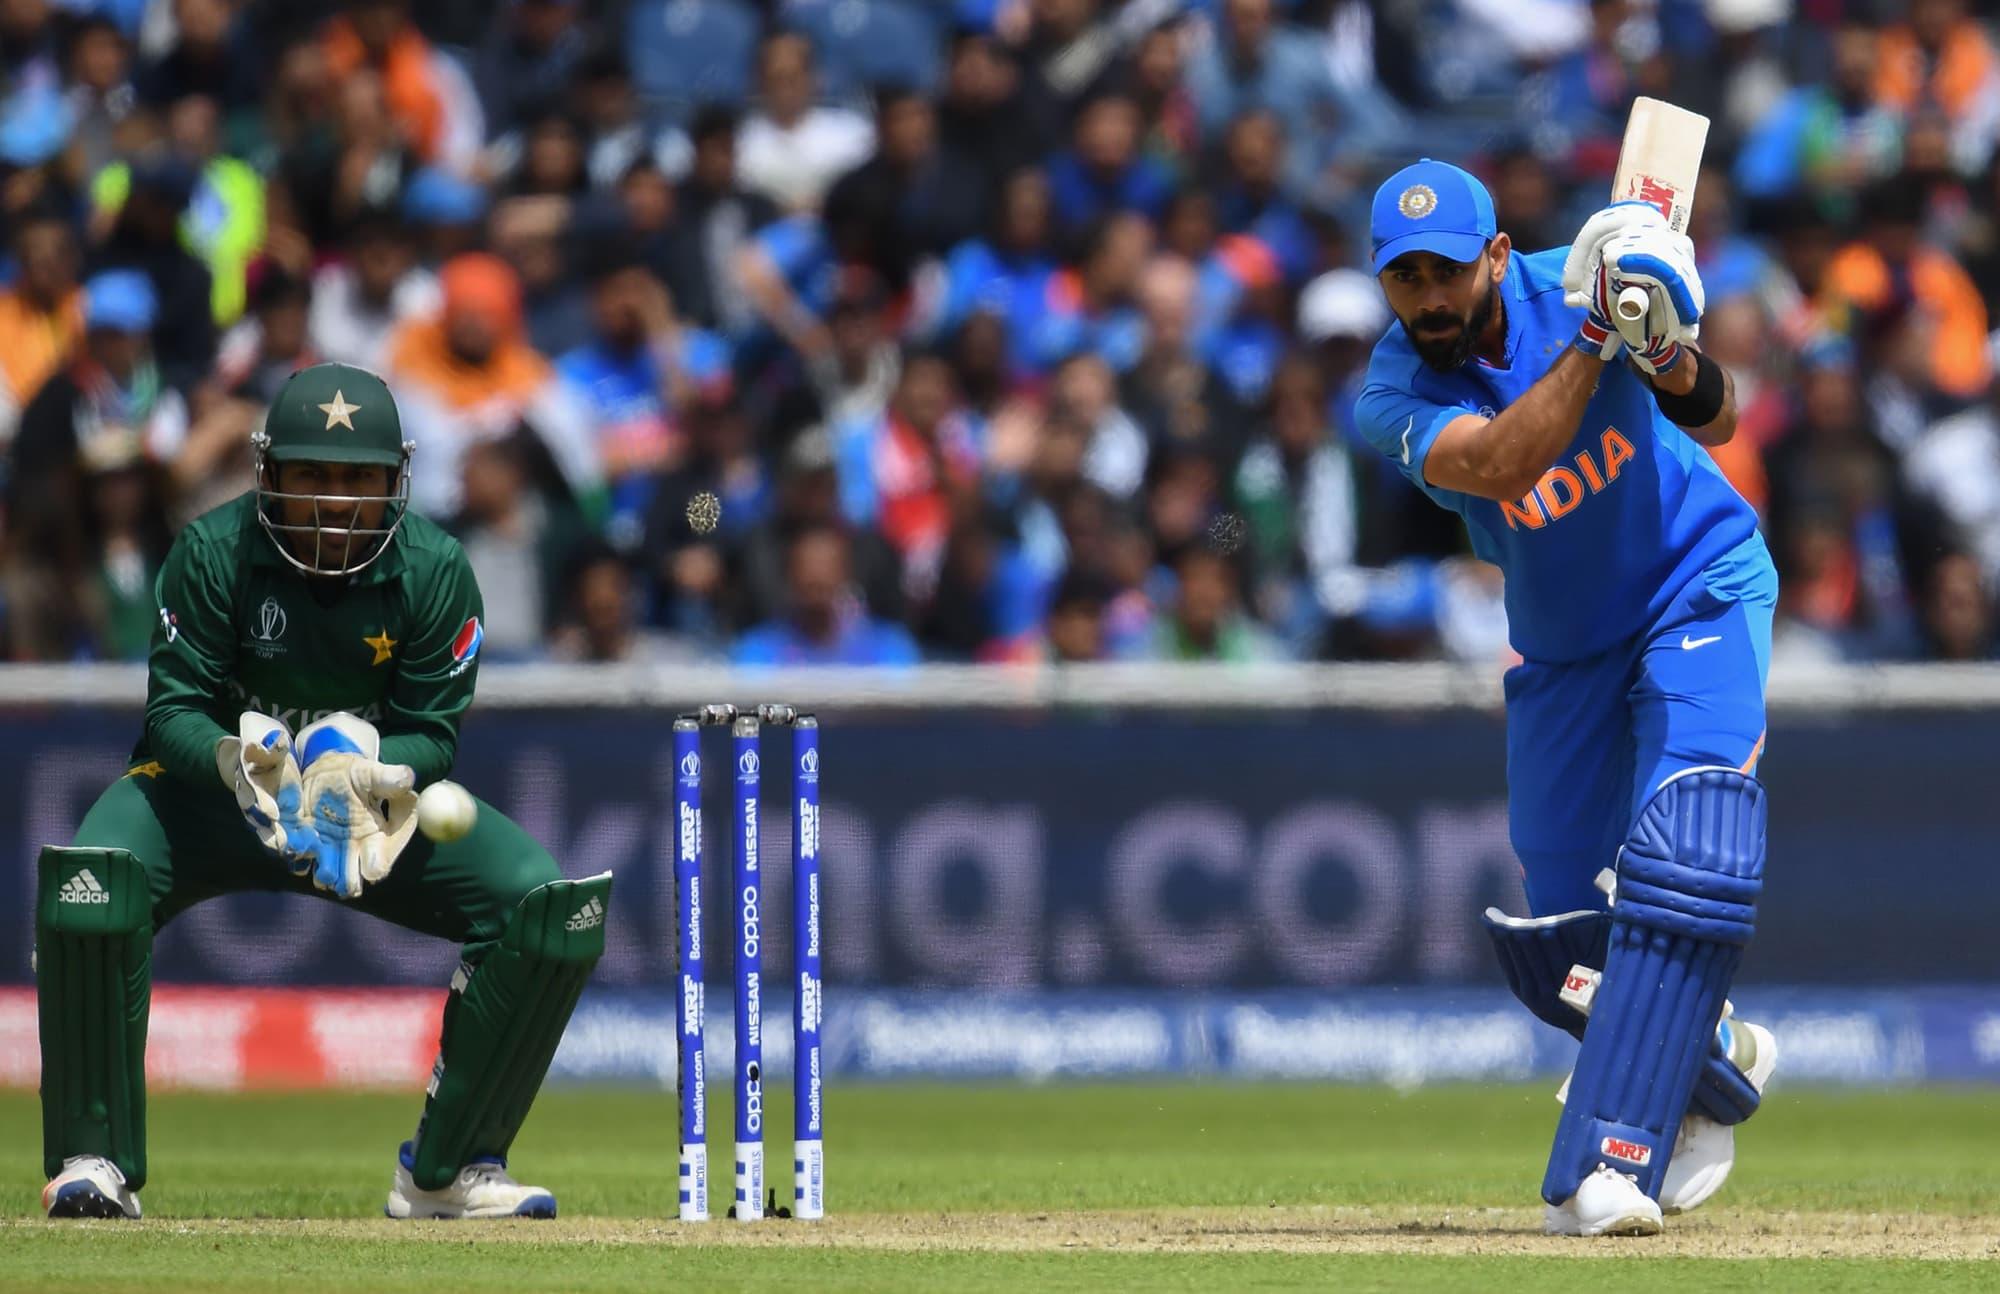 Virat Kohli (R) plays a shot as Sarfaraz looks on. ─ AP